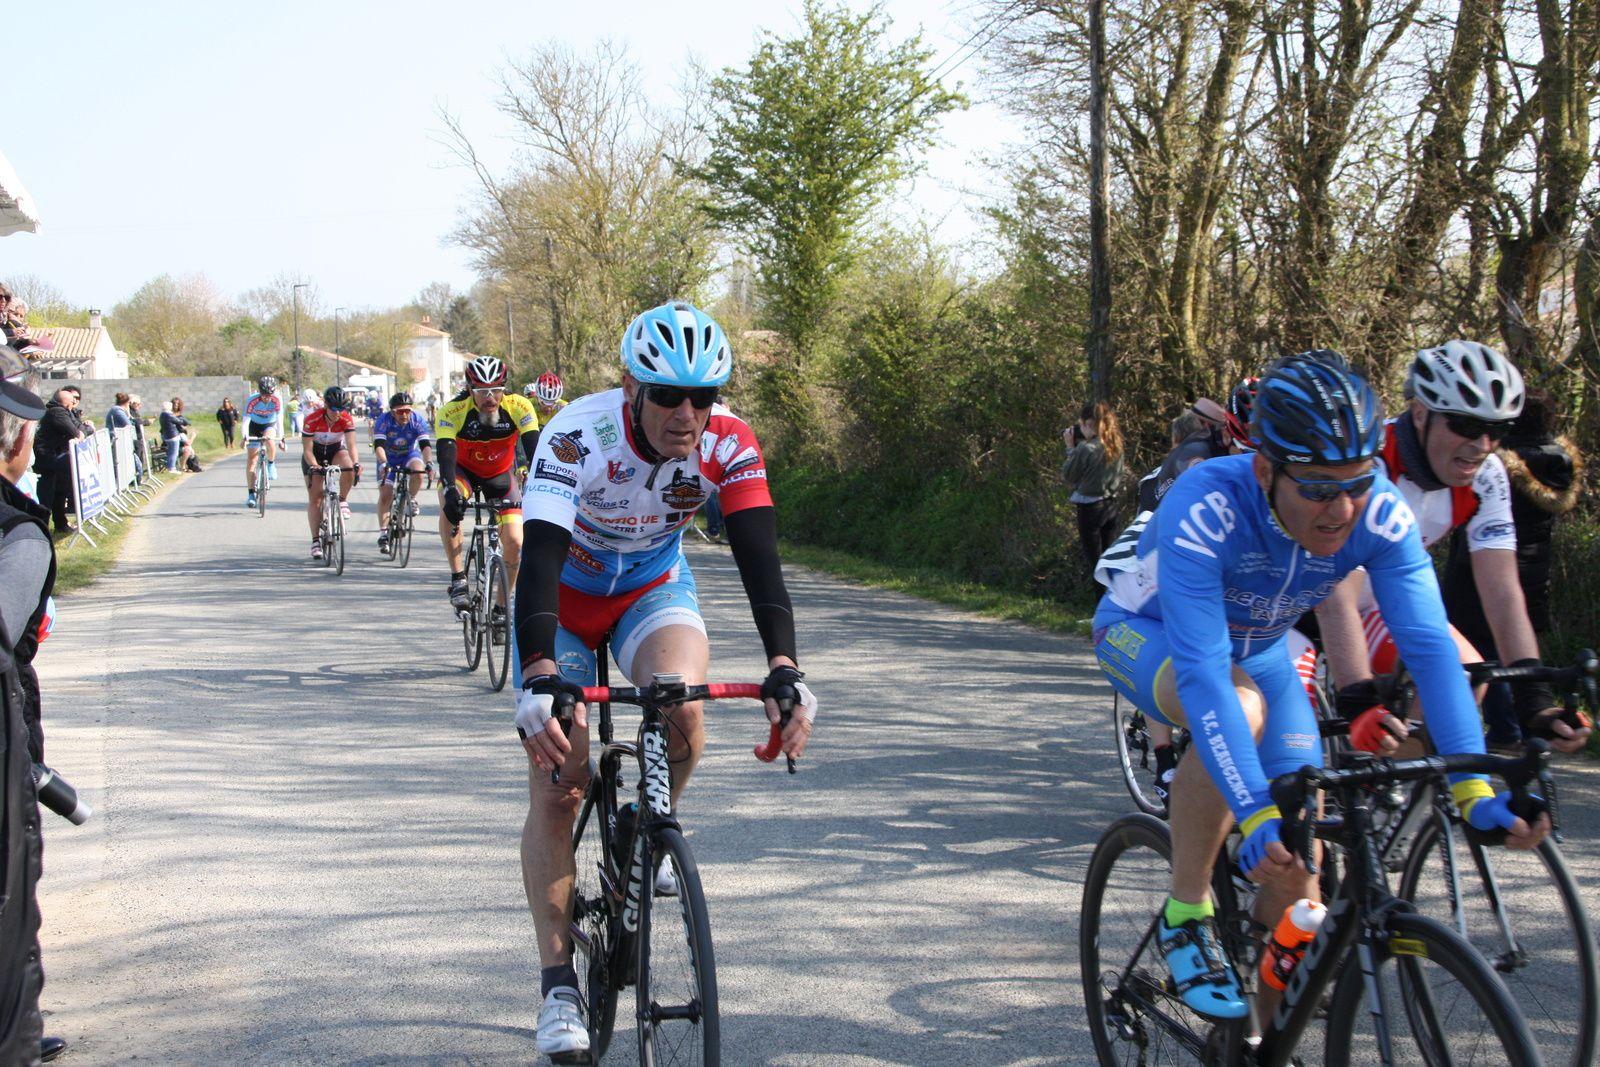 6e  Alain  GEMAUX(VCCO), 7e  Fabrice  RICHARD(VCCO), 8e  Anthony  GUILLON (T St Sauveur), 9e  Alain  RAMBEAU(CC St Agnant), 10e  Laurent  TRIOLET (SS  St Agnant), 11e  Sébastien  AIGRON(VCCO), 12e  Axel  CHOLLLET(T  St Sauveur), 13e  Bruno  LAVIDALLE(VC  Corme-Royal), 14e  Jérémy  FELICITR(APOGE), 15e Roland  CLOUET(VC St Sébastien), 16e  Alain  KOSEK(VC  Corme-Royal), 17e  Ohilippe  FERREIRA(VCCO), 18e  Eric  GAUMET(EC  Vélizy 78), 19e  Didier  PICHAUD(VC  Matha), 20e  Anthony  JARRIER MARTIN(VC  Rochefort).